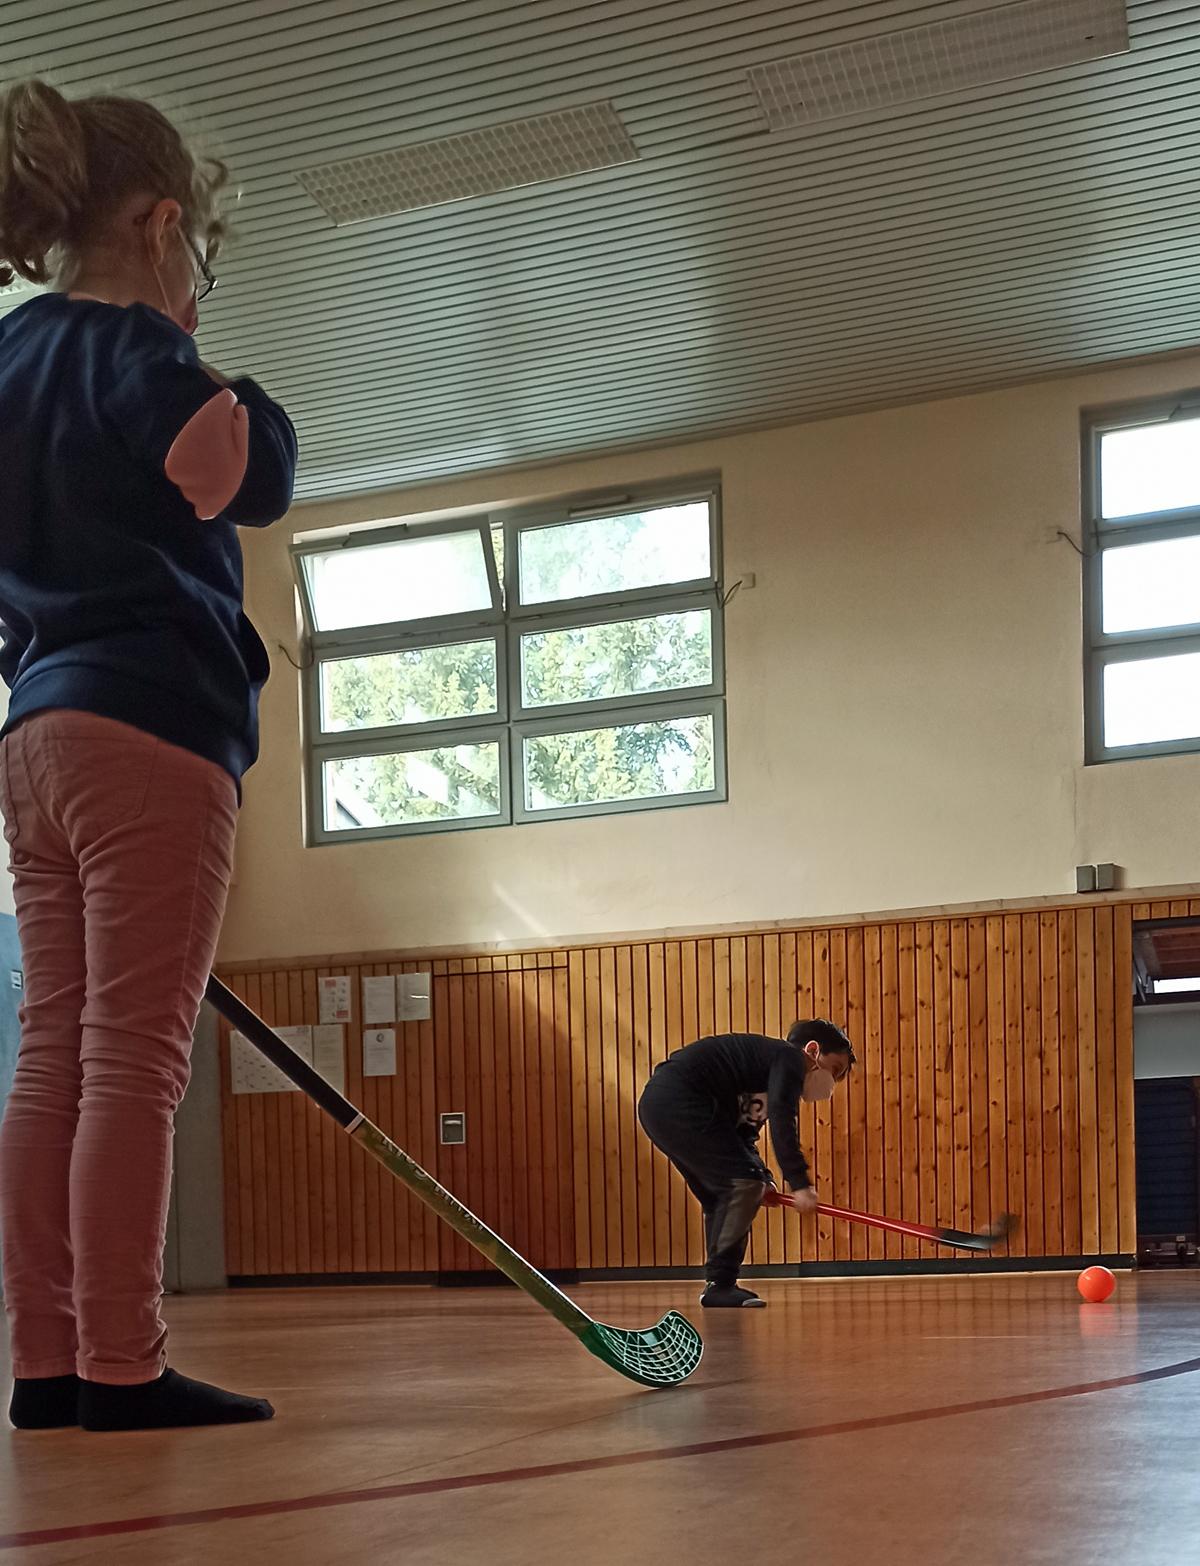 Kinder spielen Hockey in der Turnhalle